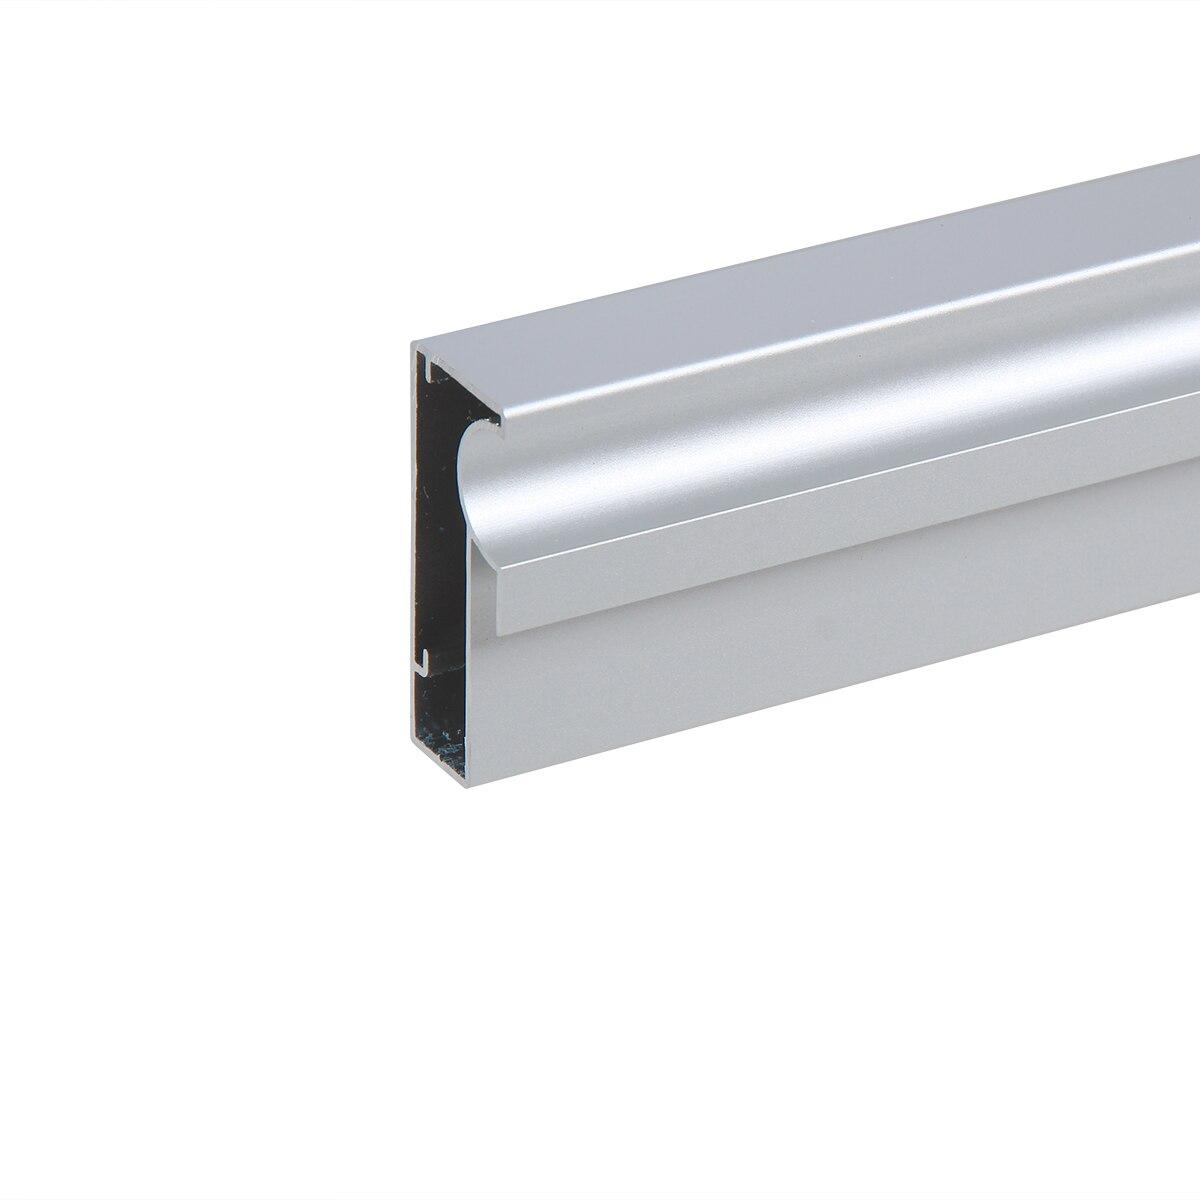 Perfil Puxador Alumínio V03 Para Porta De Vidro De 6mm Anodizado 3m Da Leo